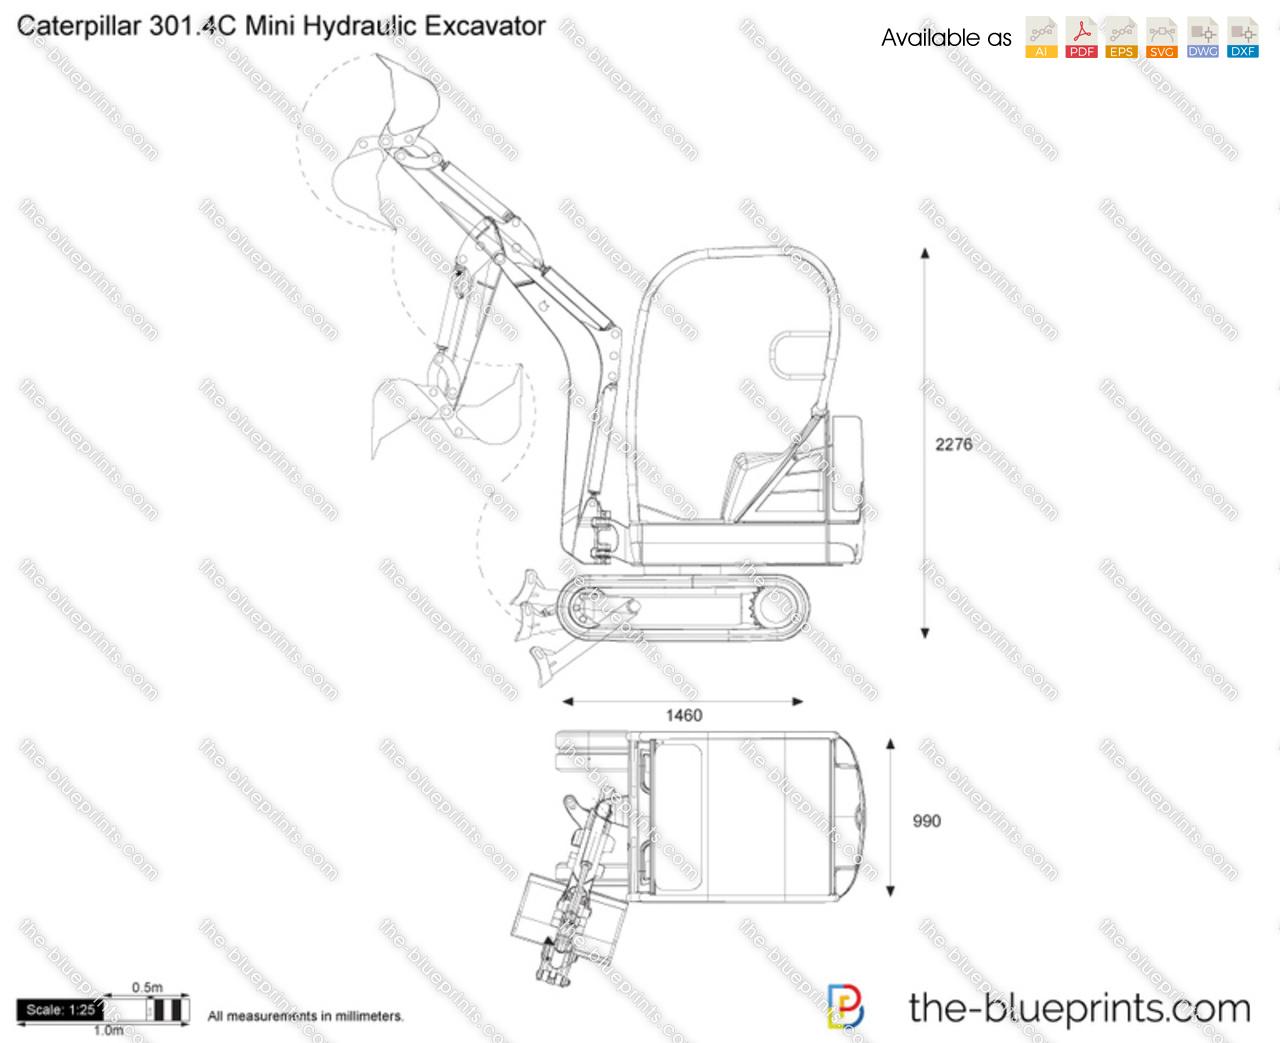 Caterpillar 301.4C Mini Hydraulic Excavator